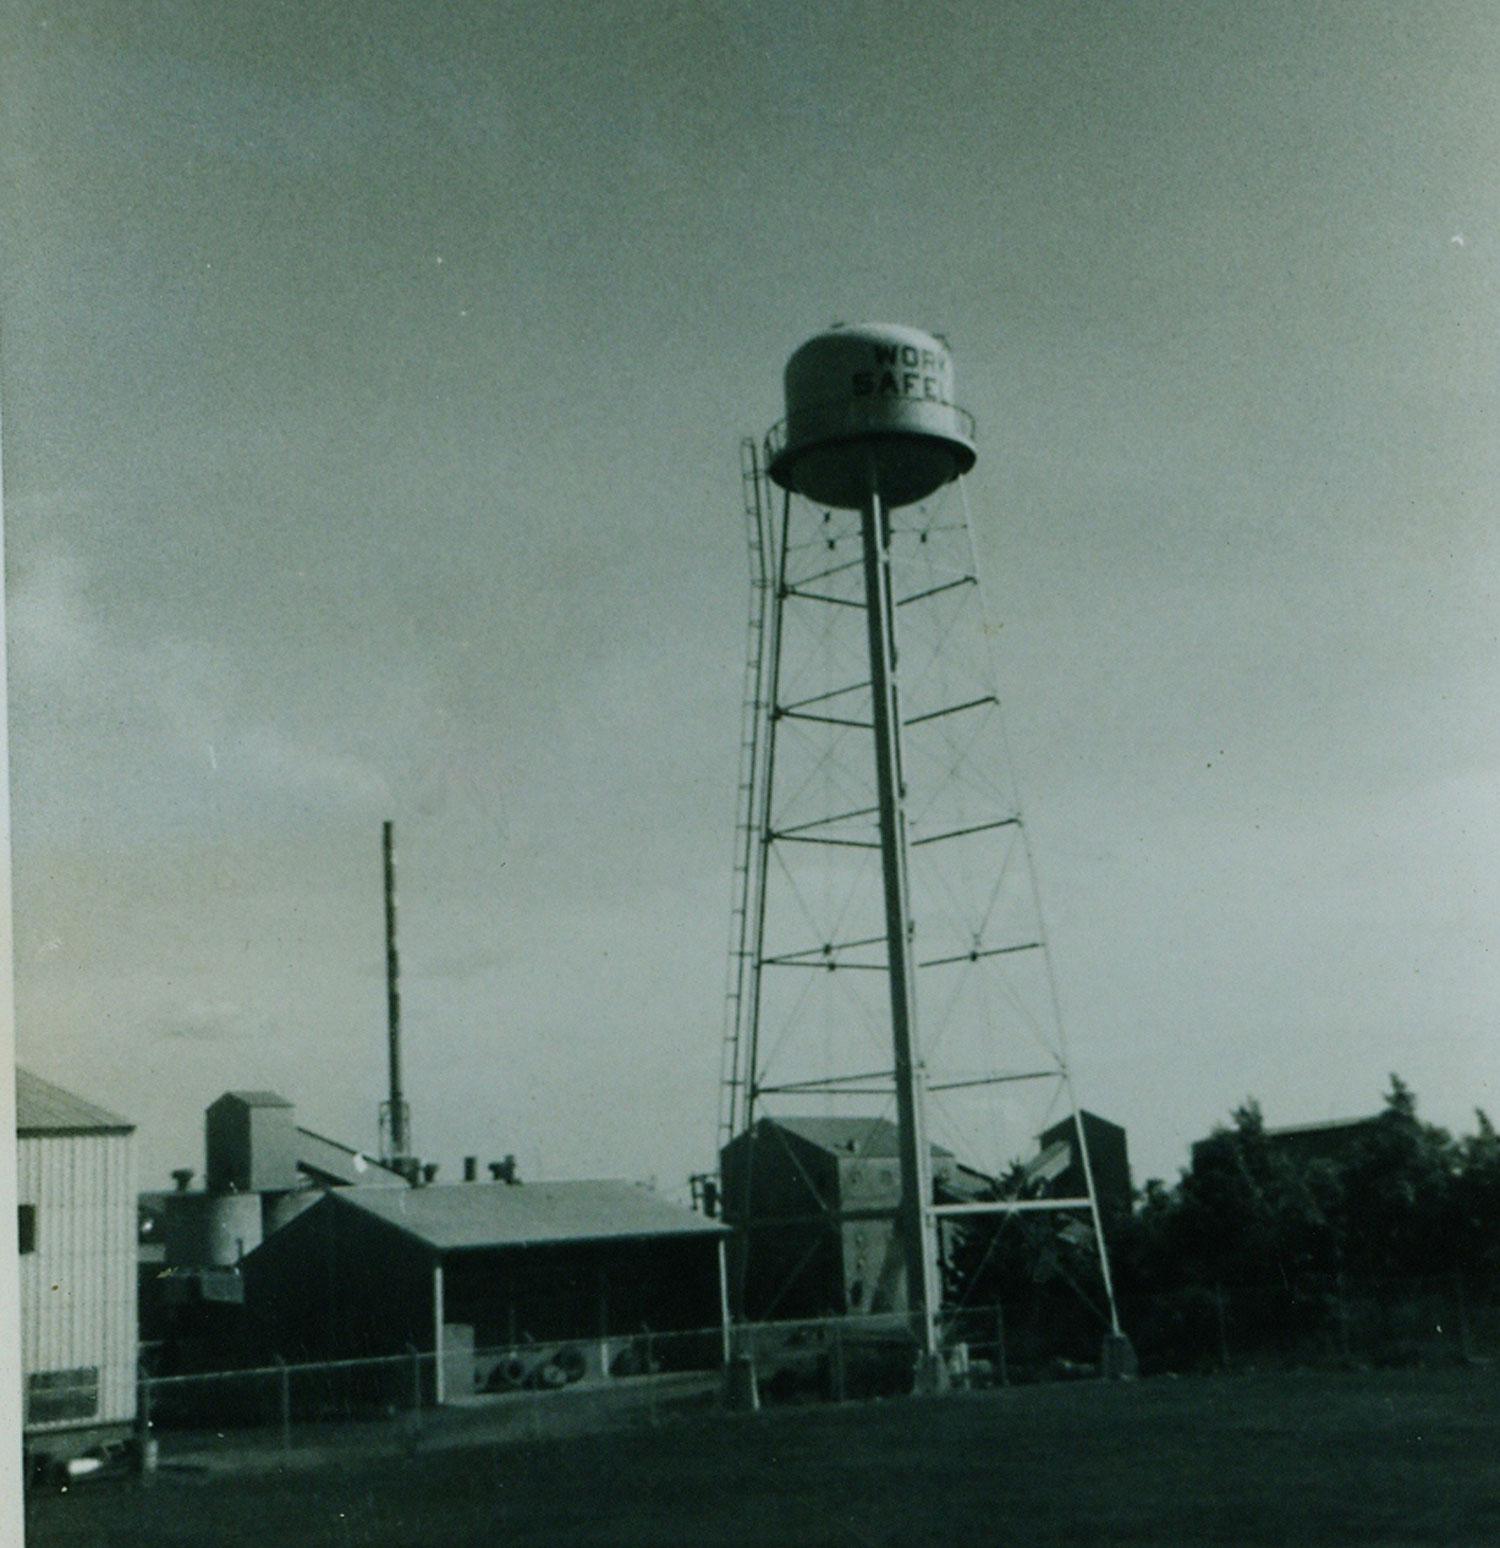 1974 Bethlehem Steel Marmoraton Mine Water Tower